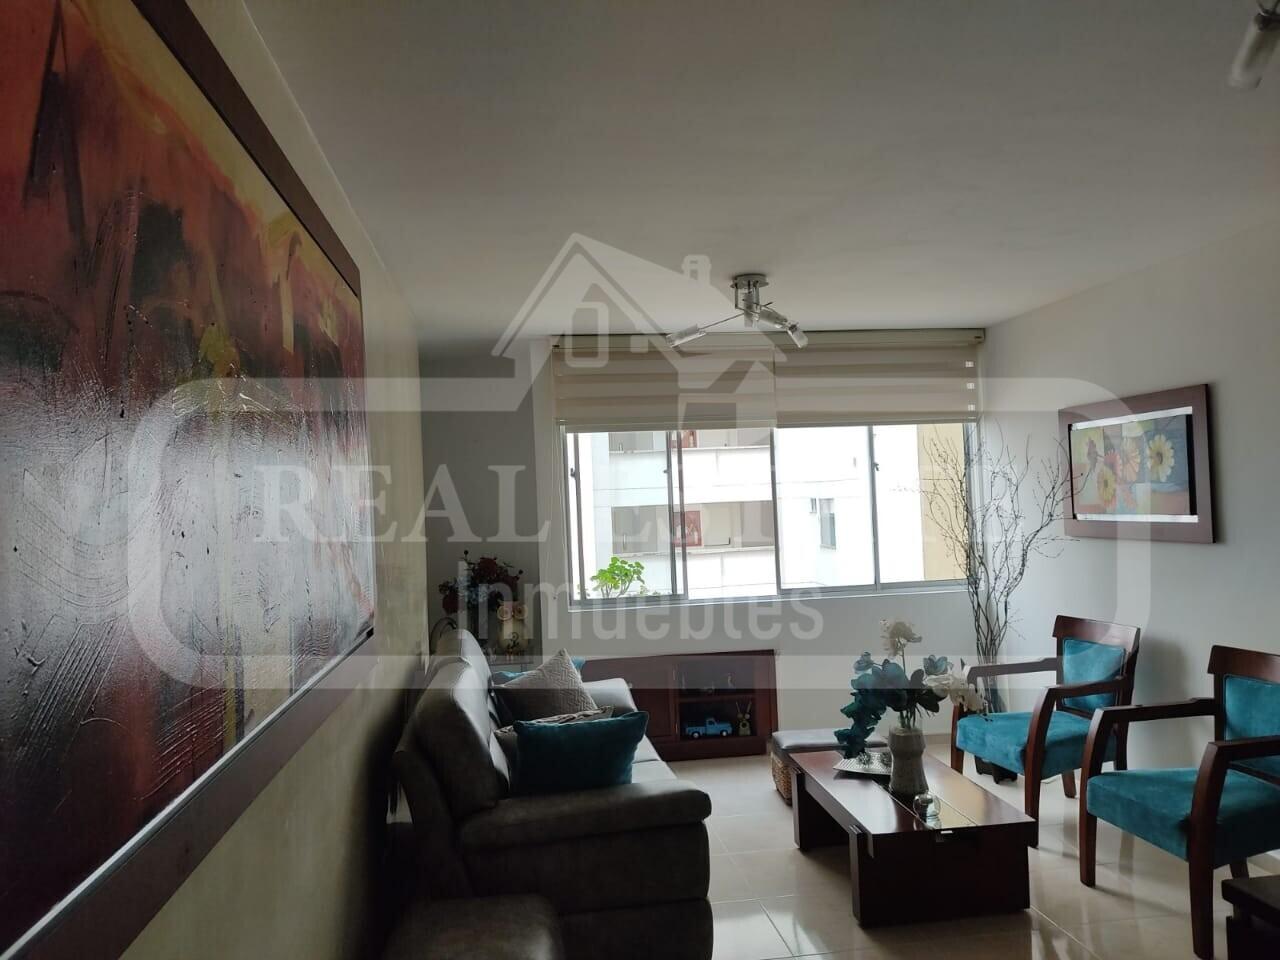 COD 210595    APARTAMENTO SAN FRANCISCO ALTO